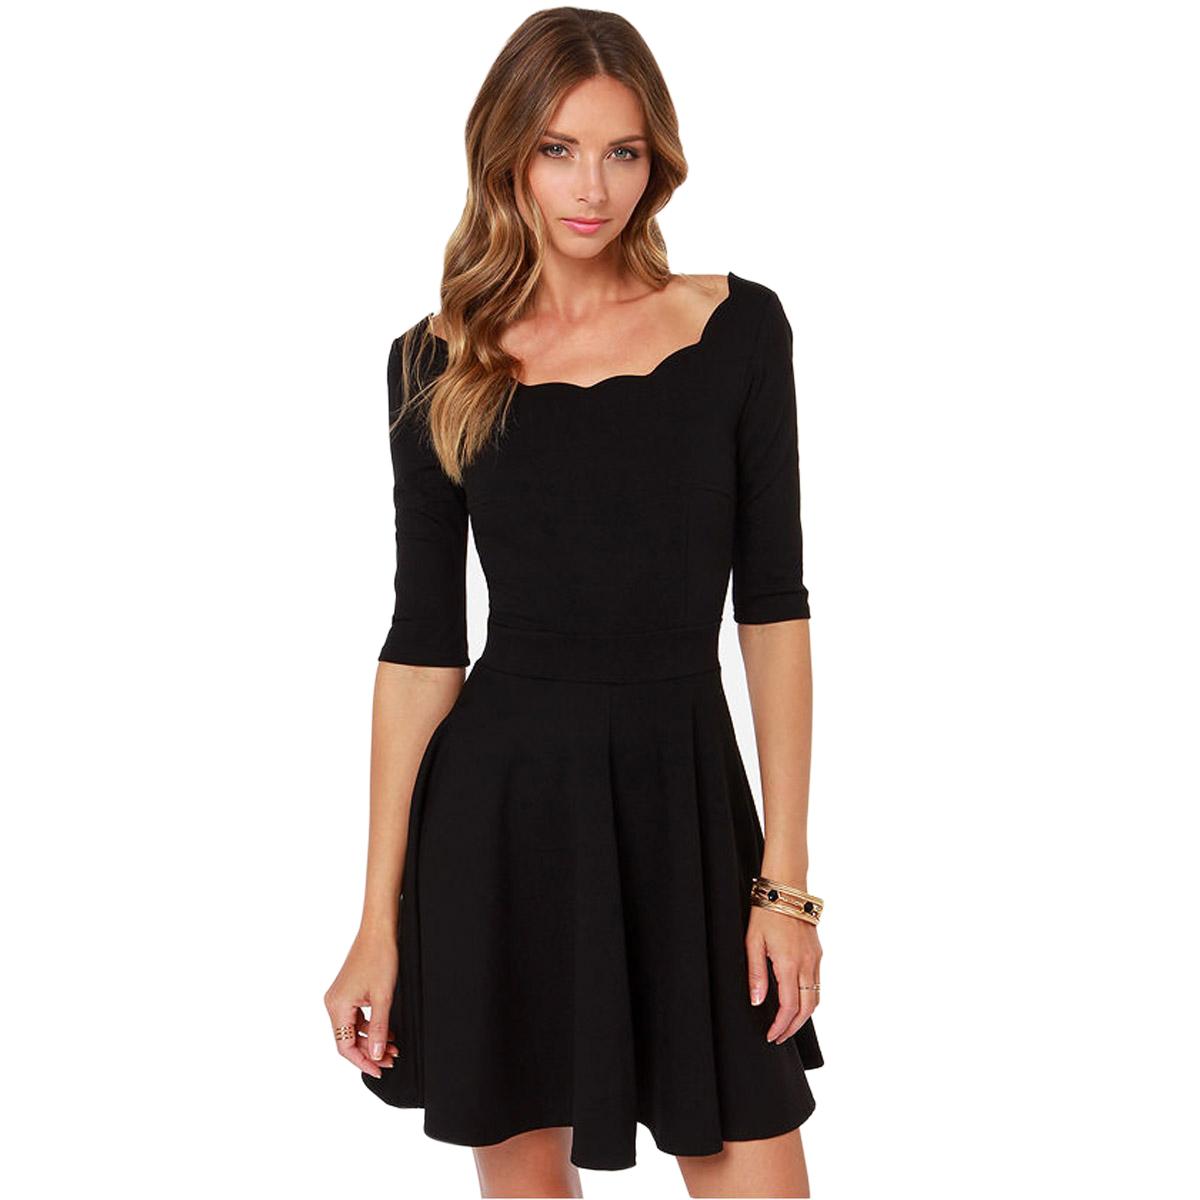 Jak se oblékat  základní pravidla vkusného oblékání a módní poradna 41e5c4595c